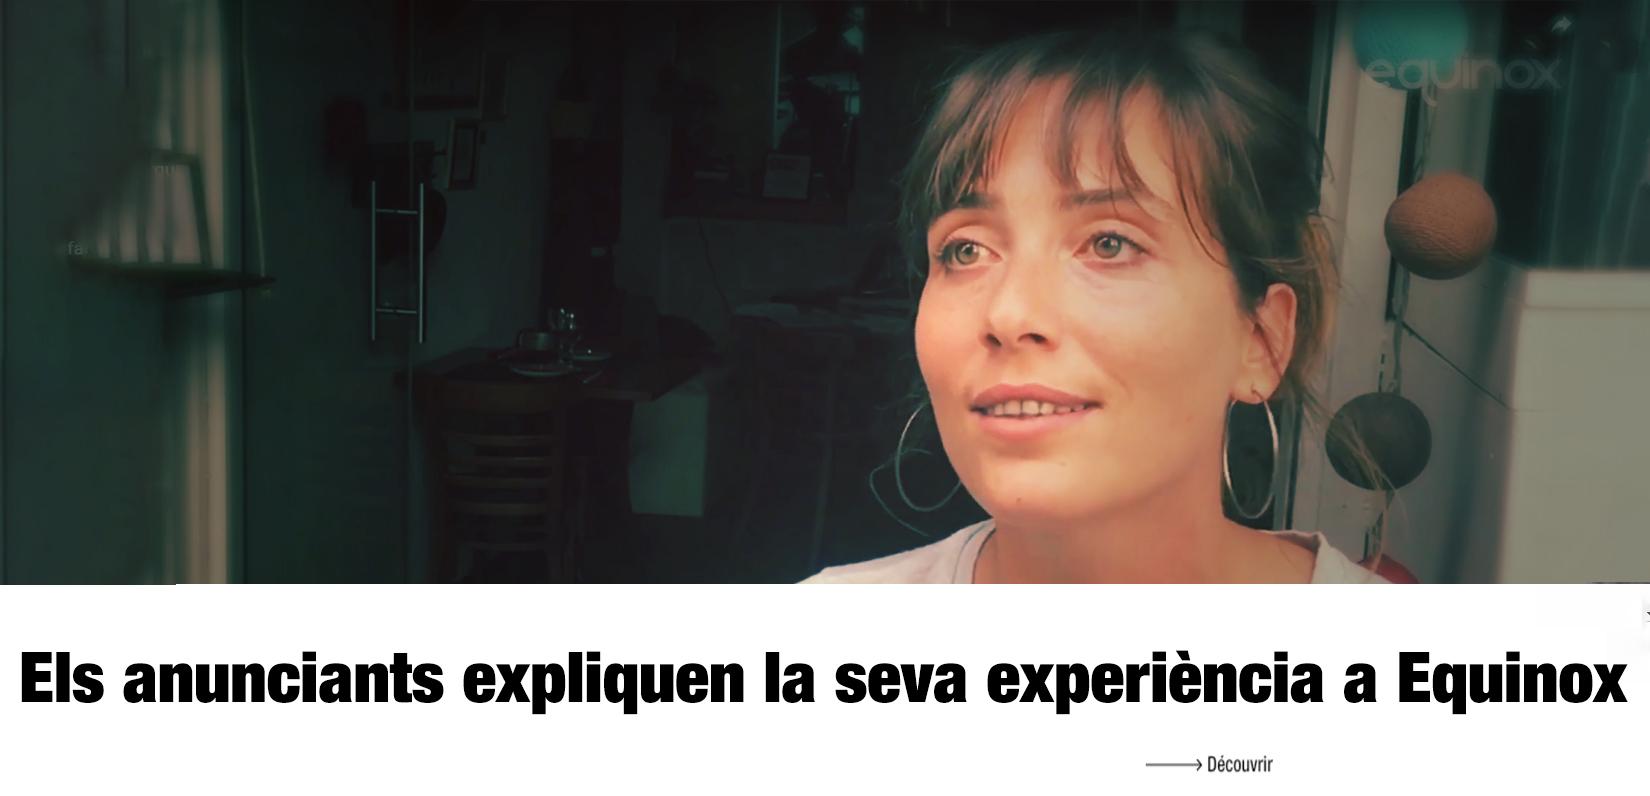 fer publicitat en Equinox Radio El mitja de comunicacio francofon de barcelona